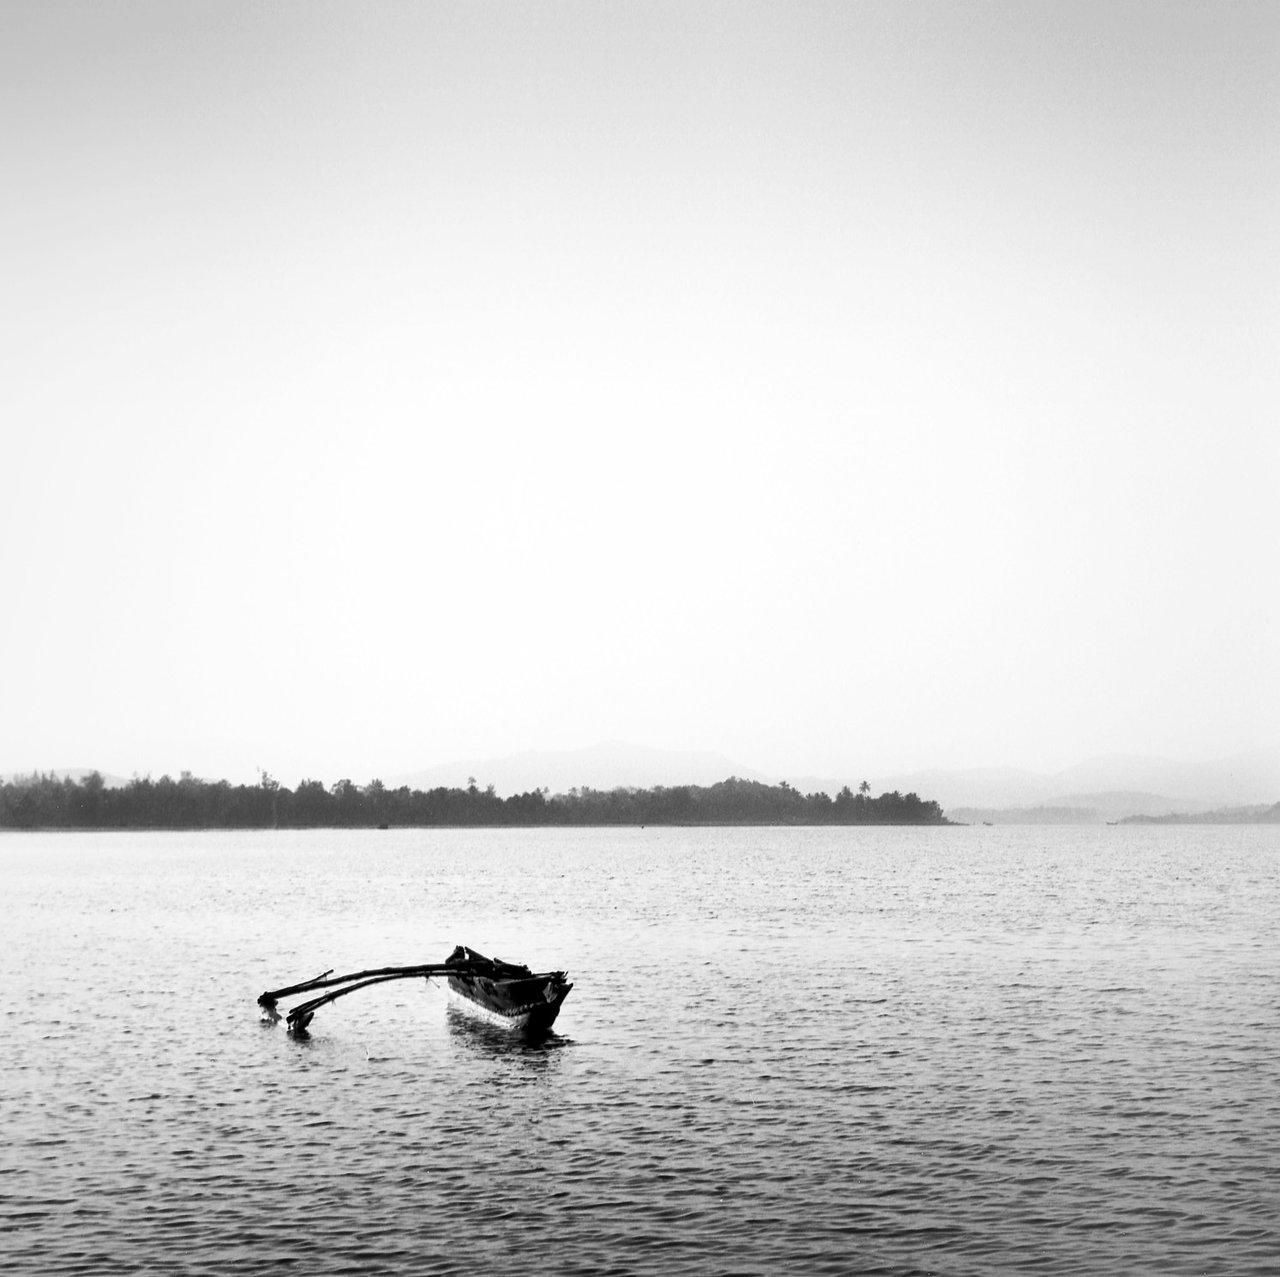 Lonely boat, Gokarna